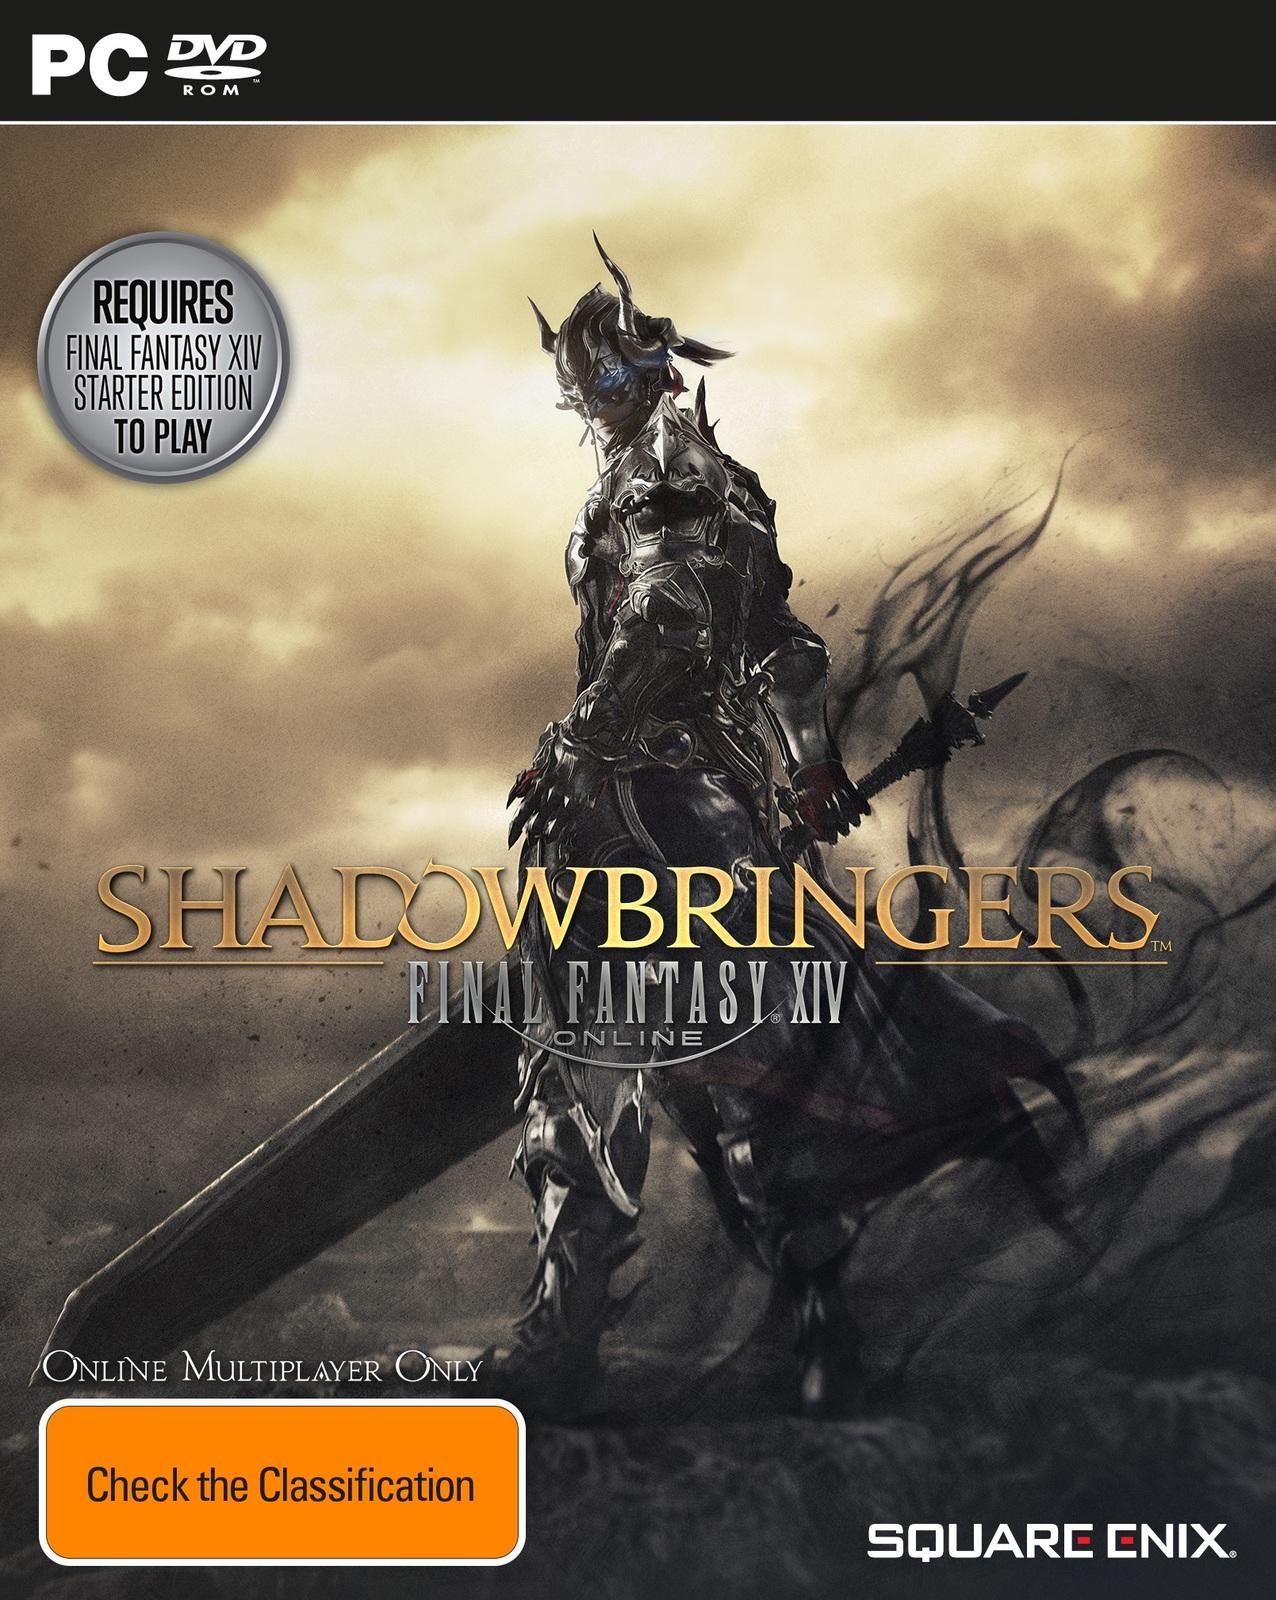 Final Fantasy XIV: Shadowbringers for PC image